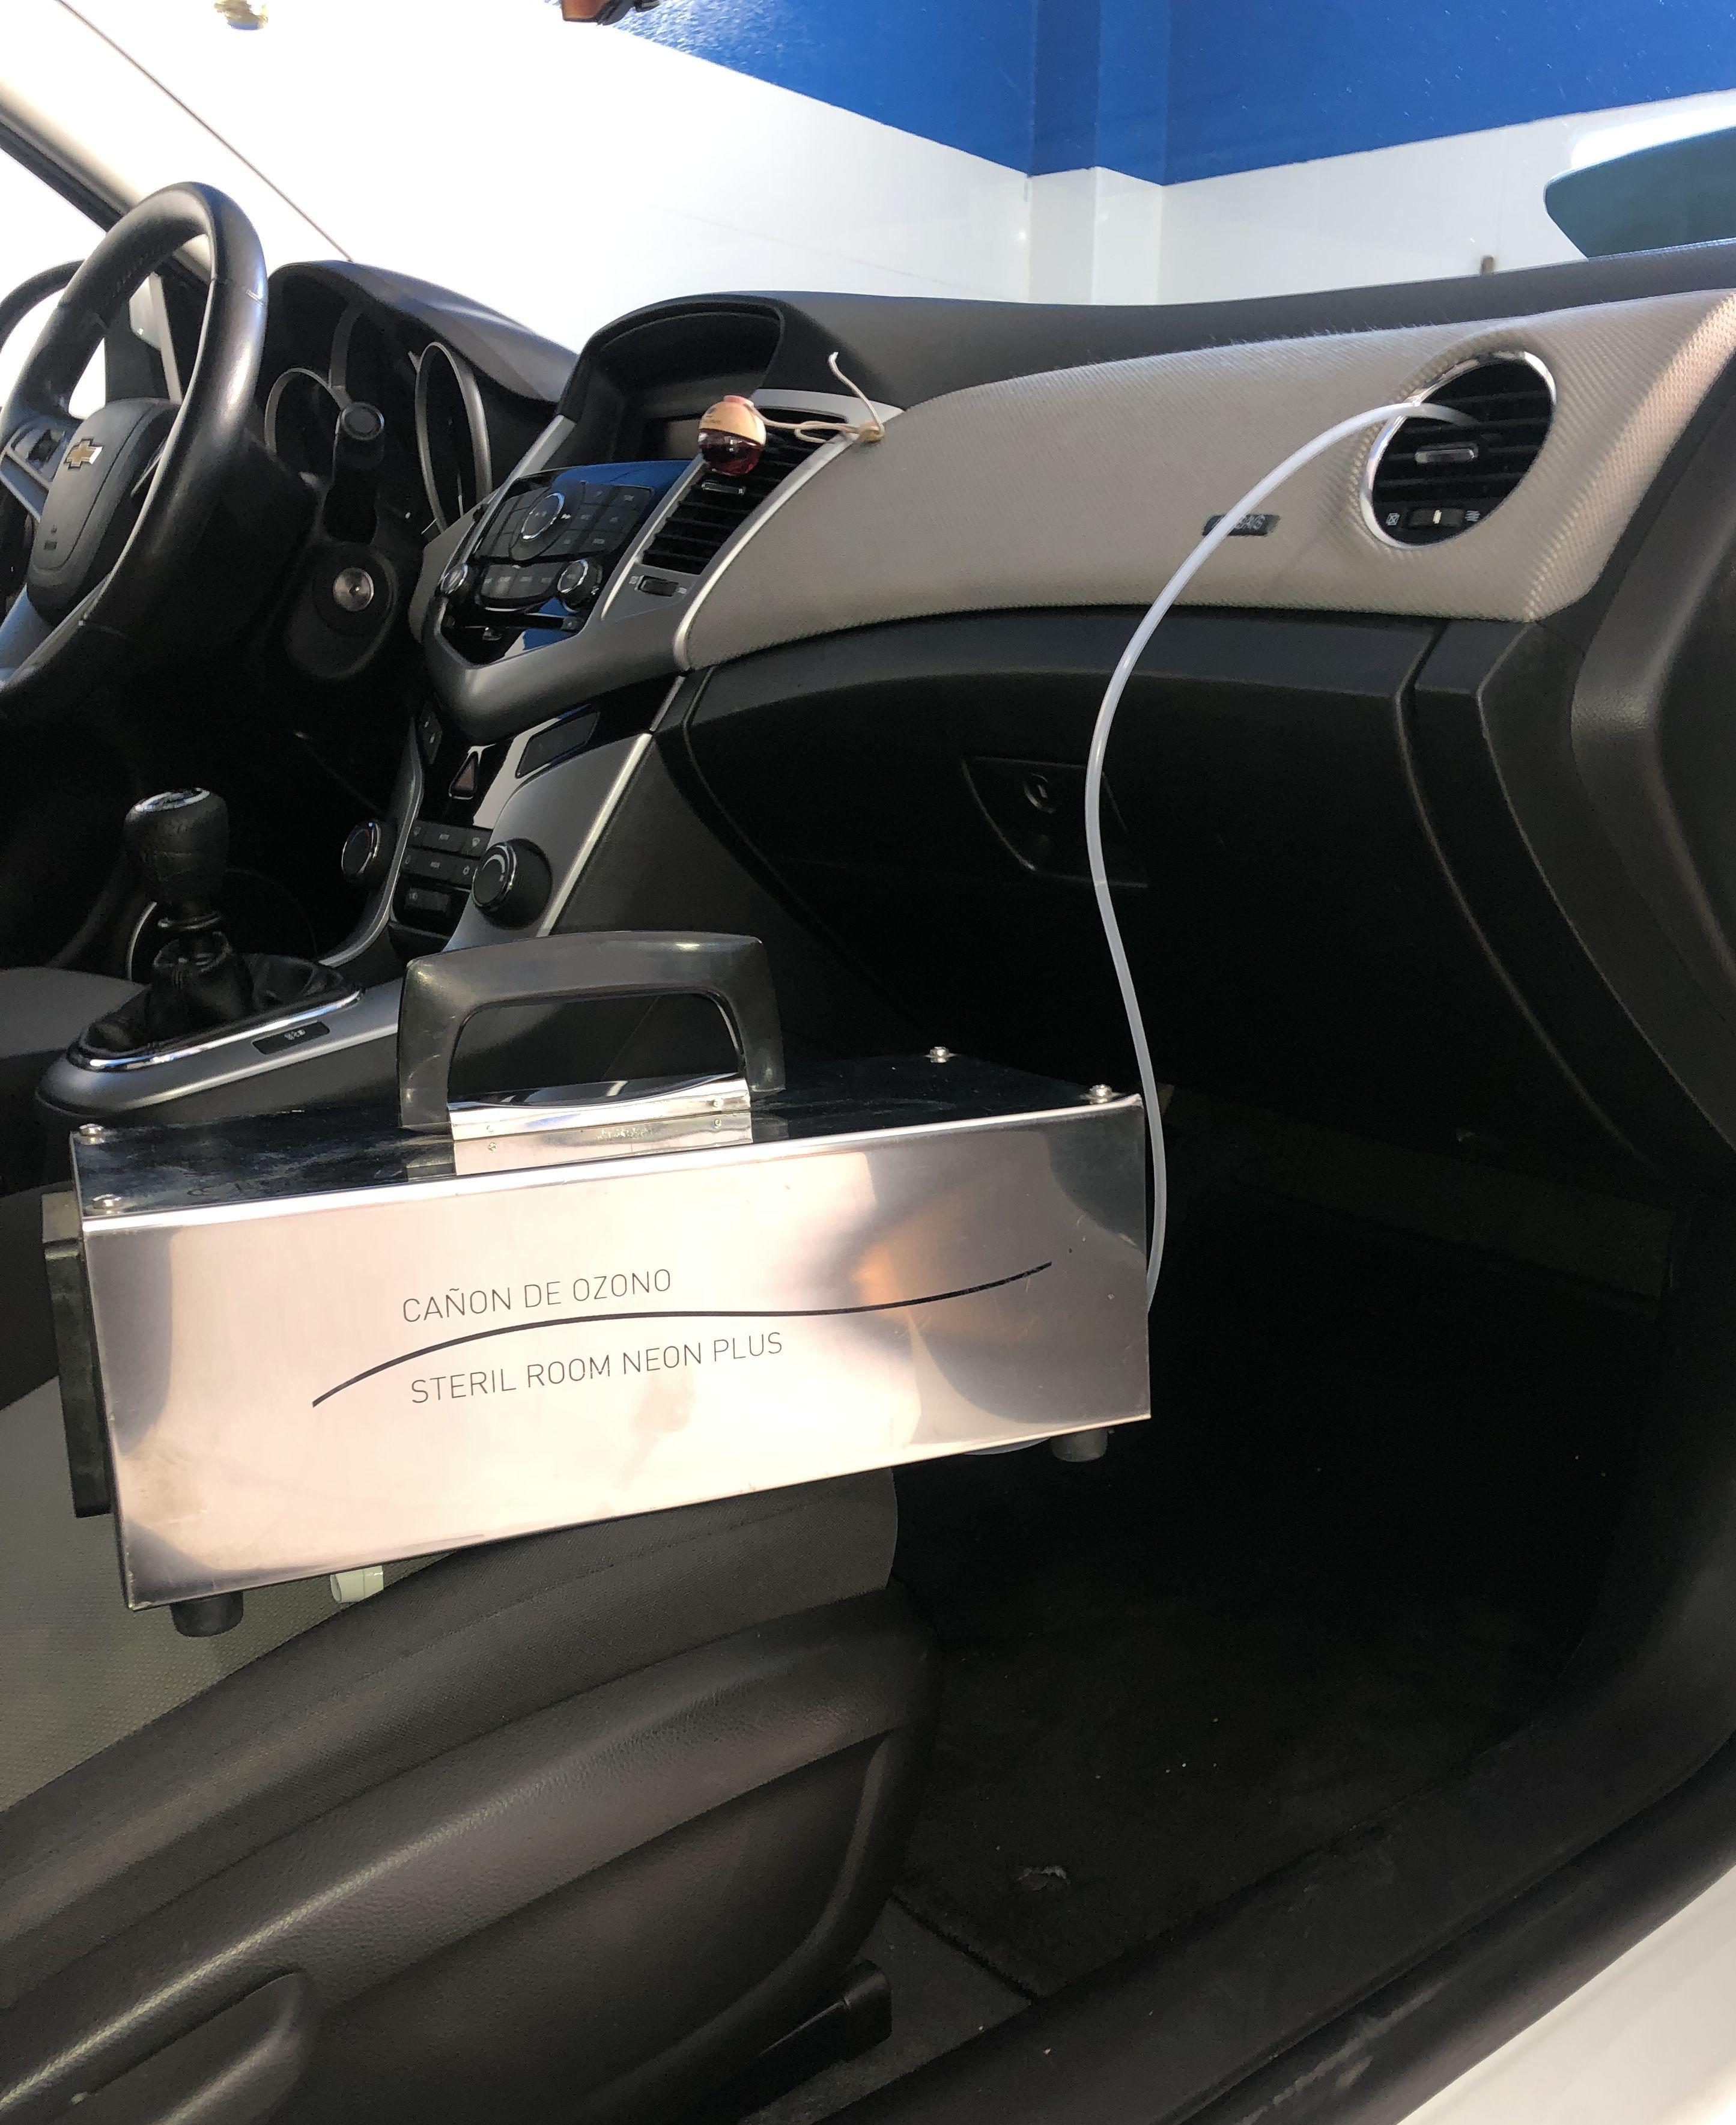 Oferta Tratamiento de ozono + lavado 35€: Servicios de Car Wash Alcorcón 1